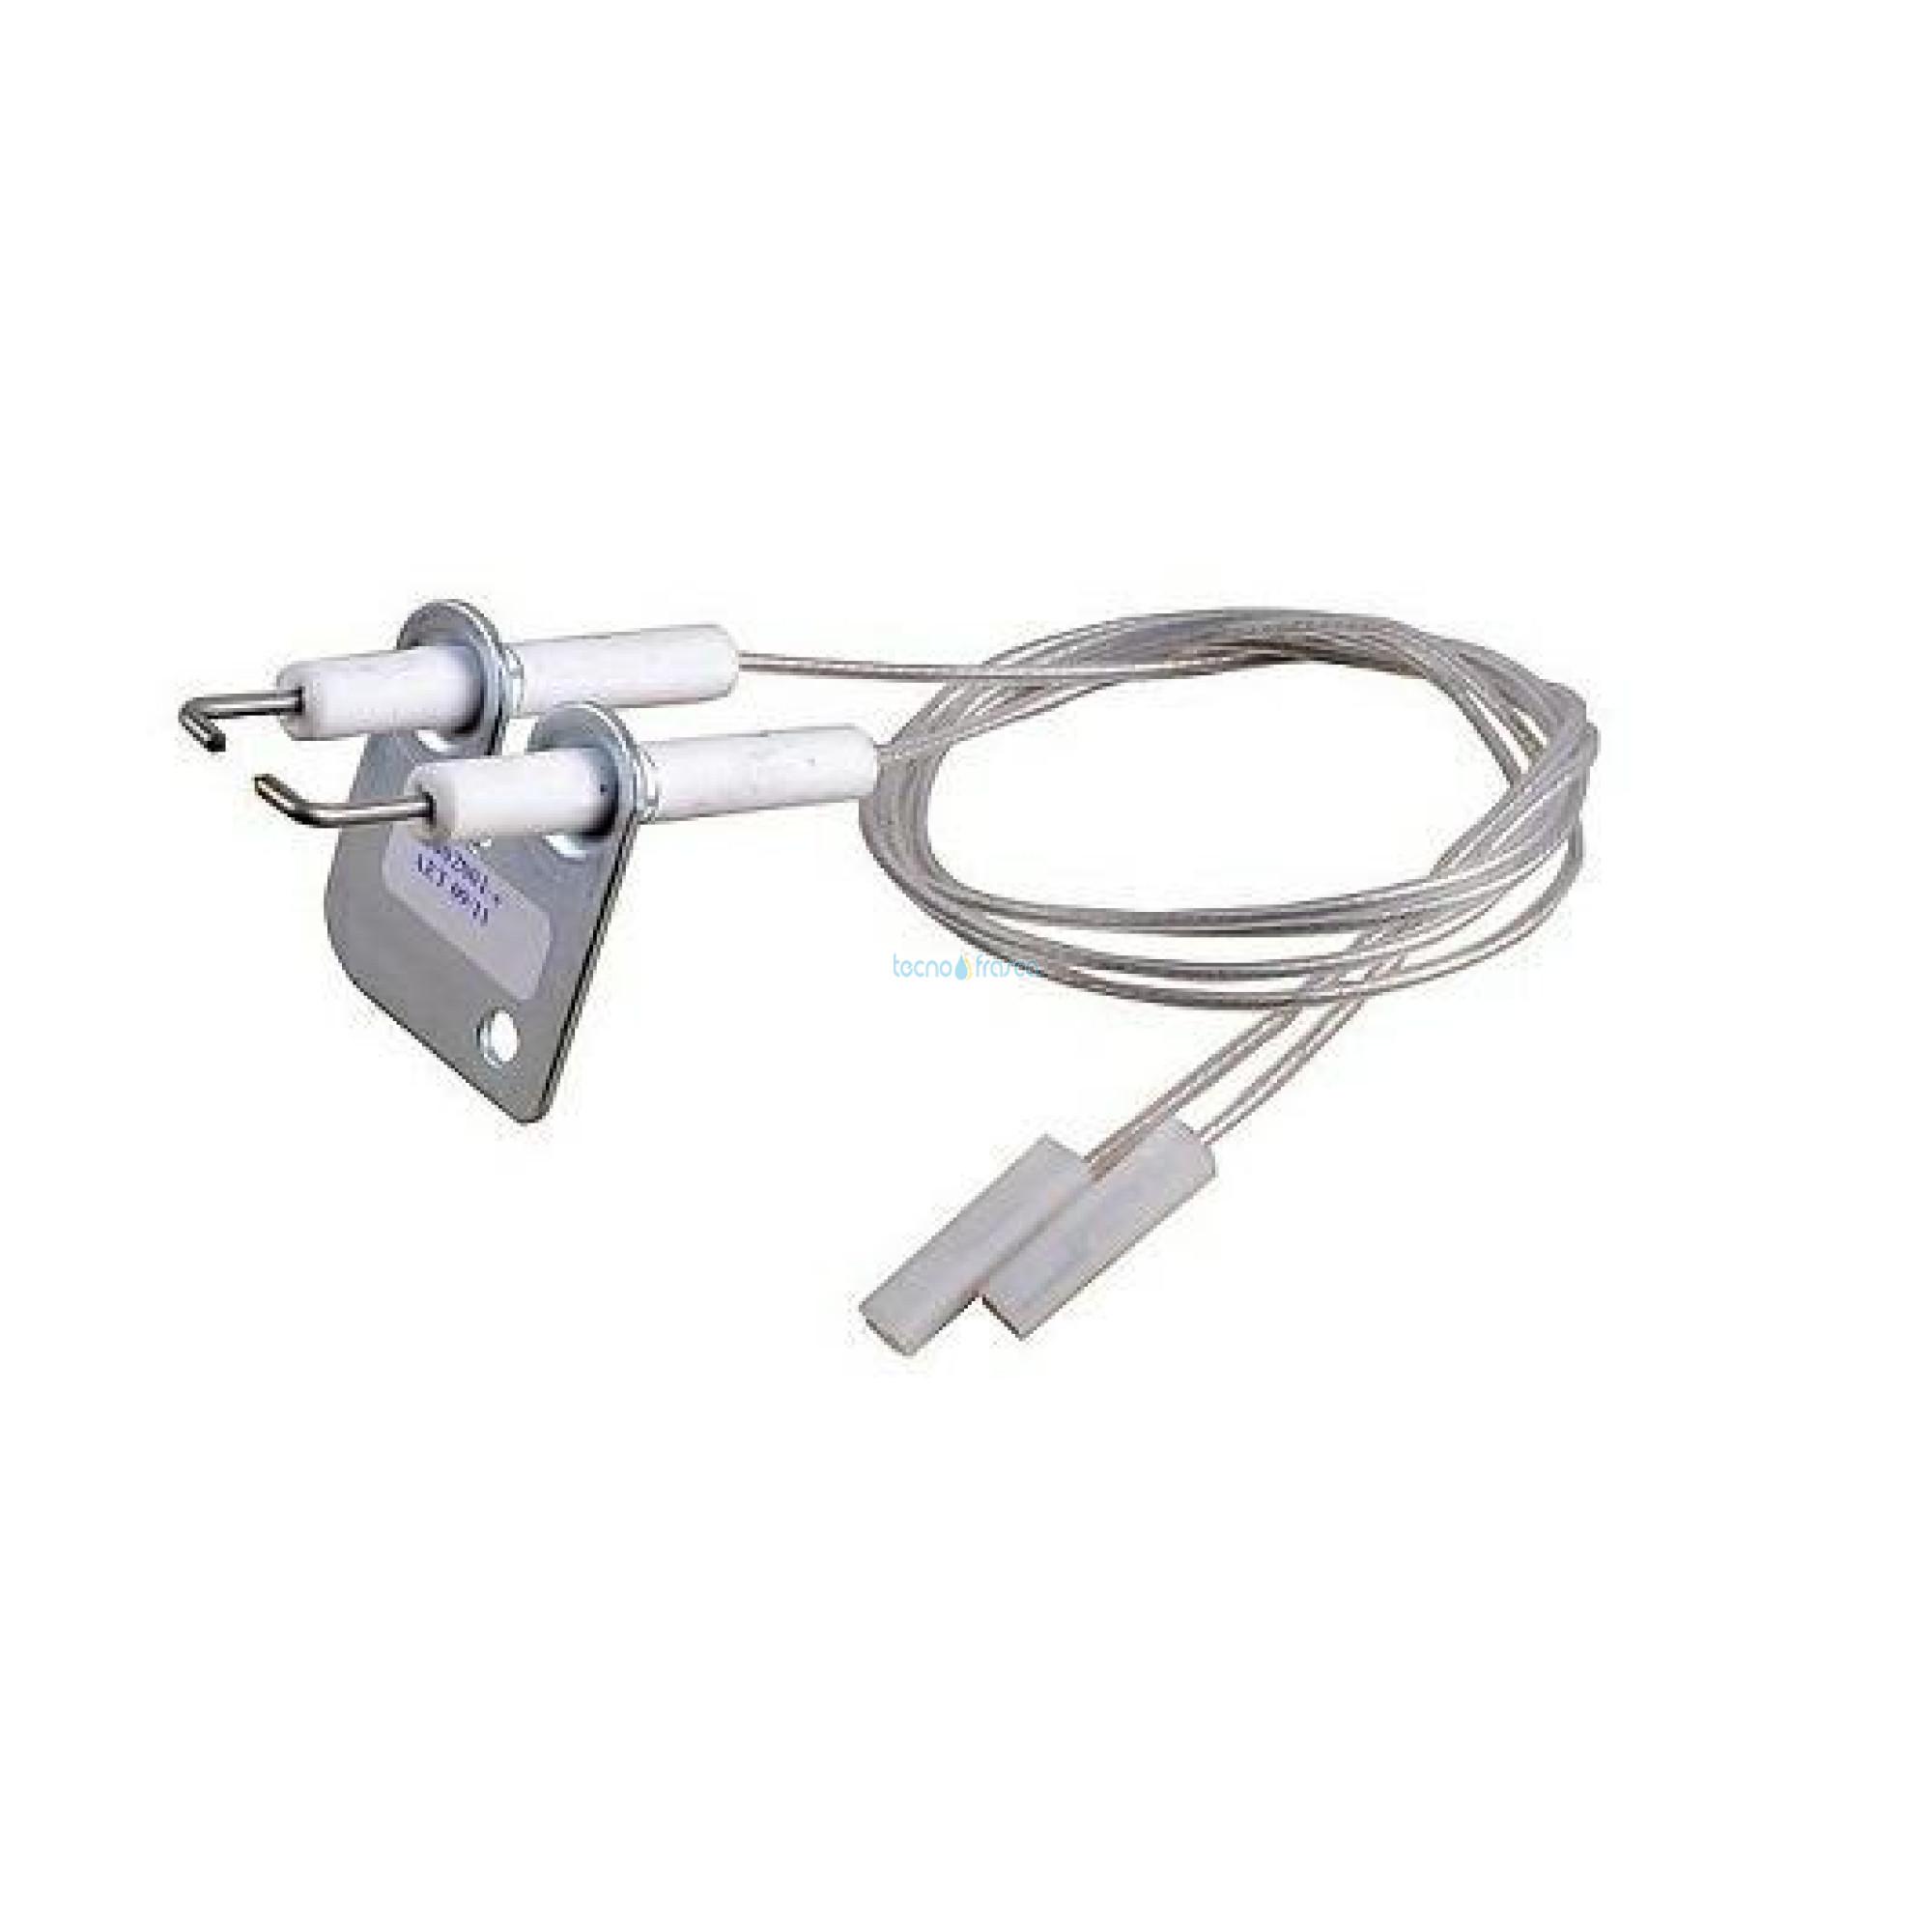 Chaffoteaux elettrodo di accensione 61002801